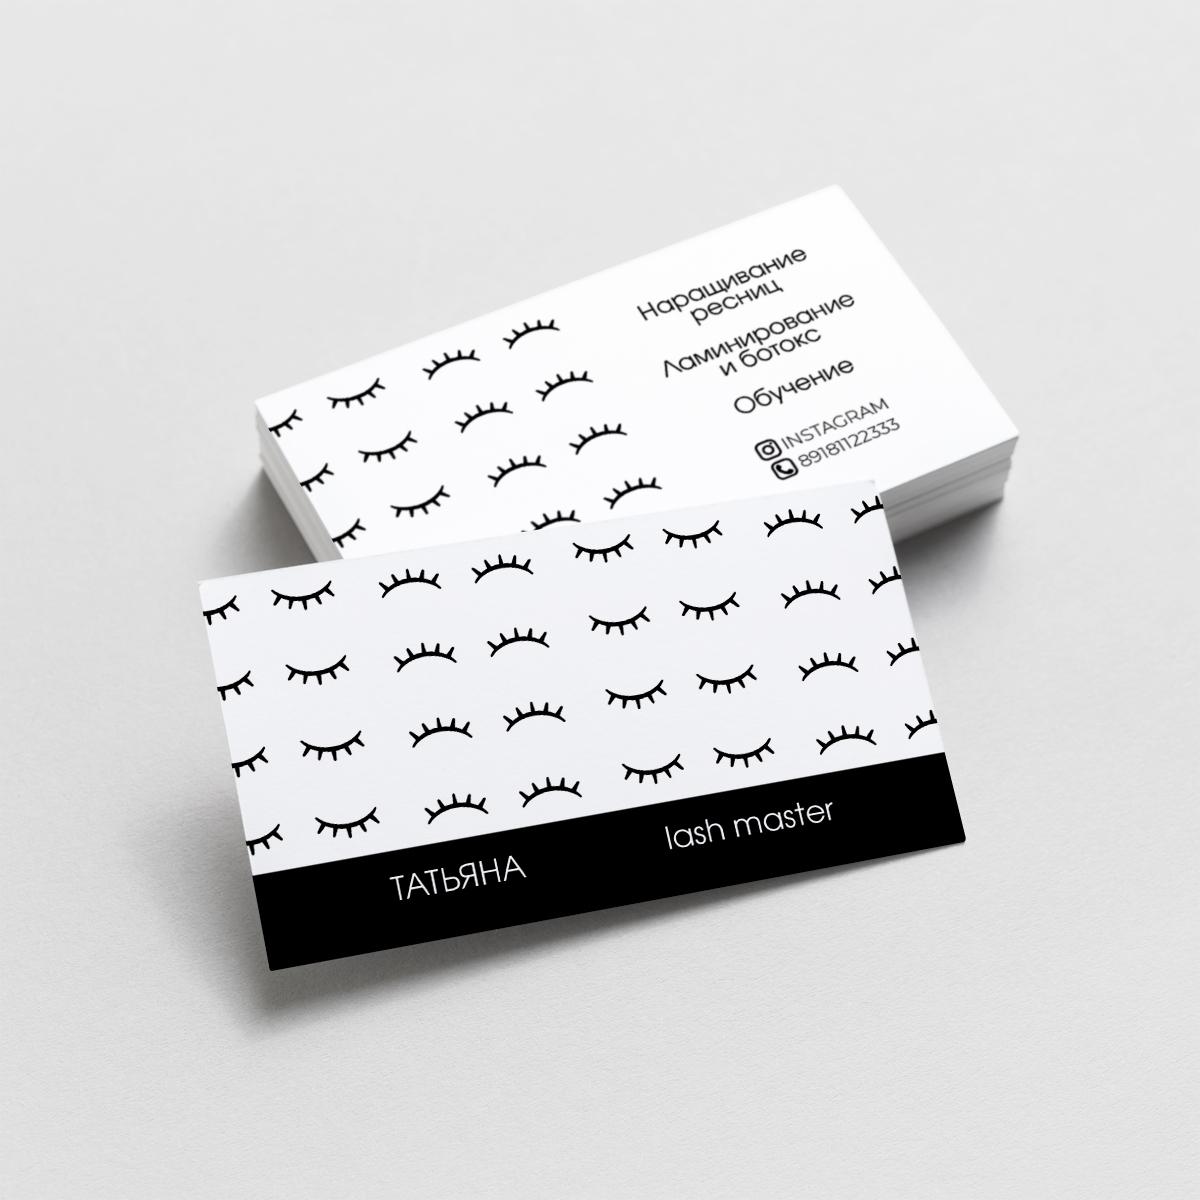 визитка лешмастера ресницы